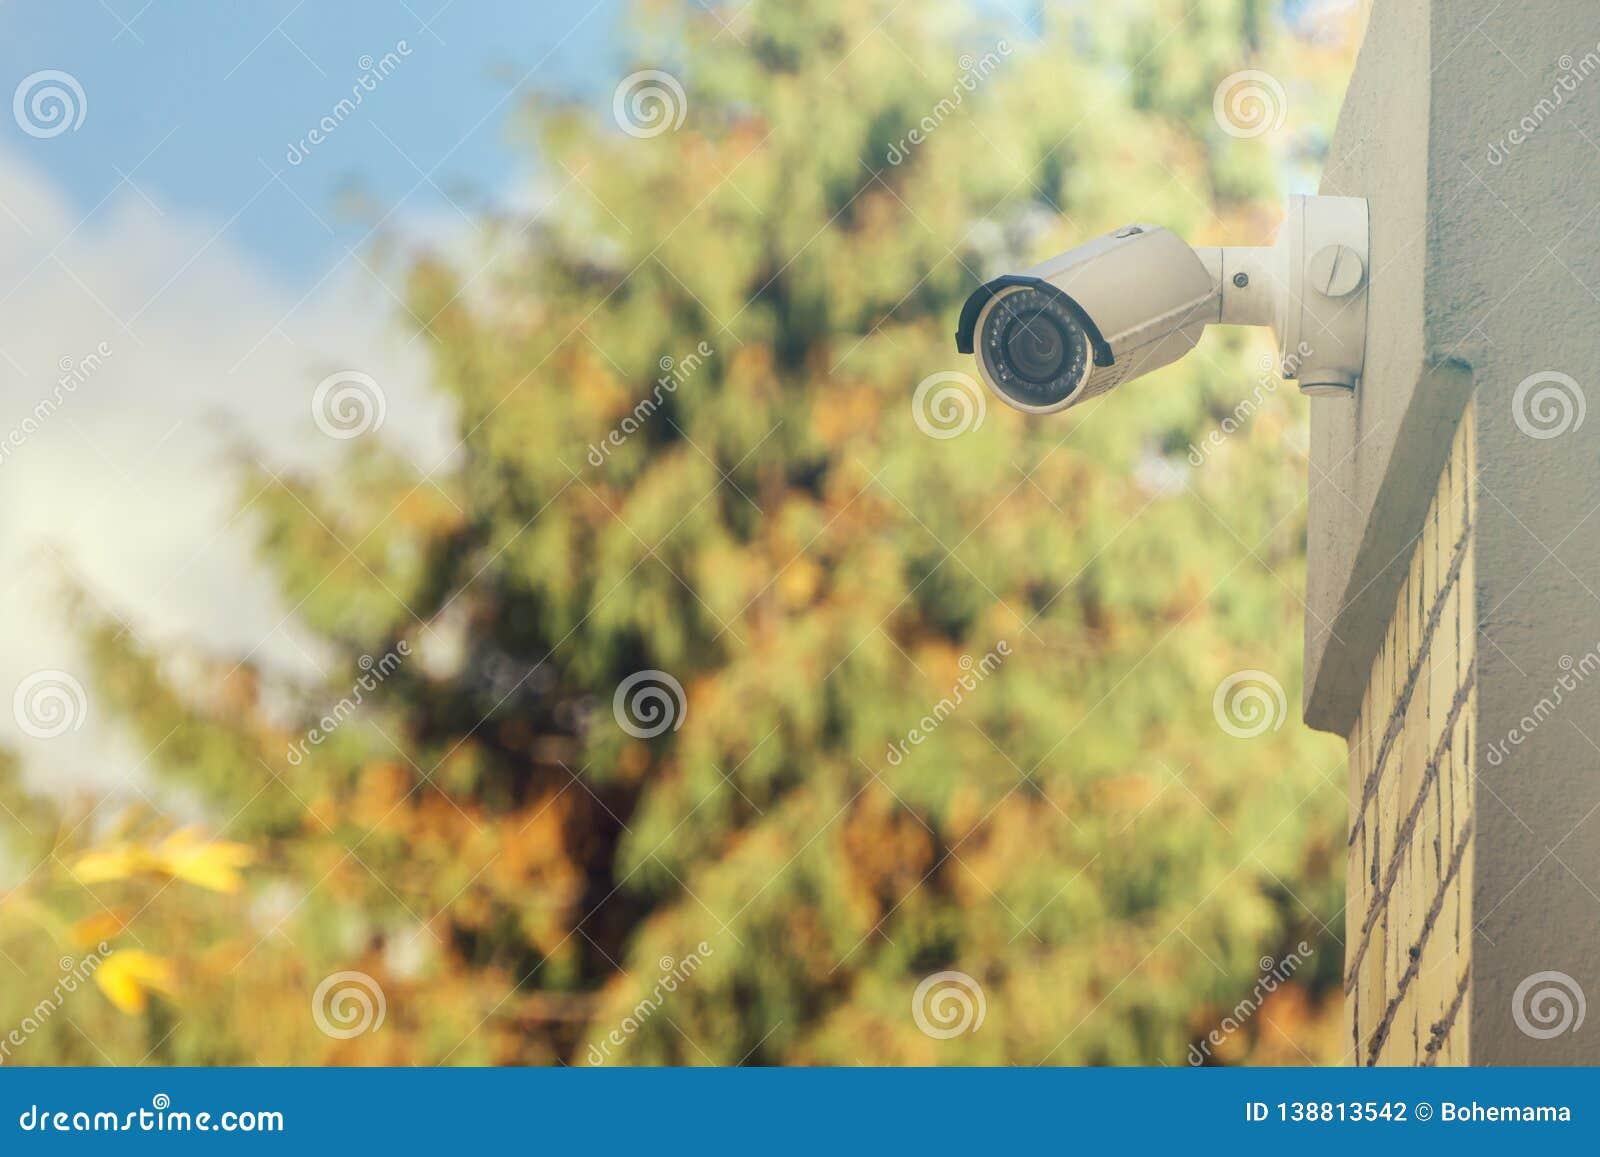 Moderne Überwachungskamera auf Gebäudewand, Laubhintergrund